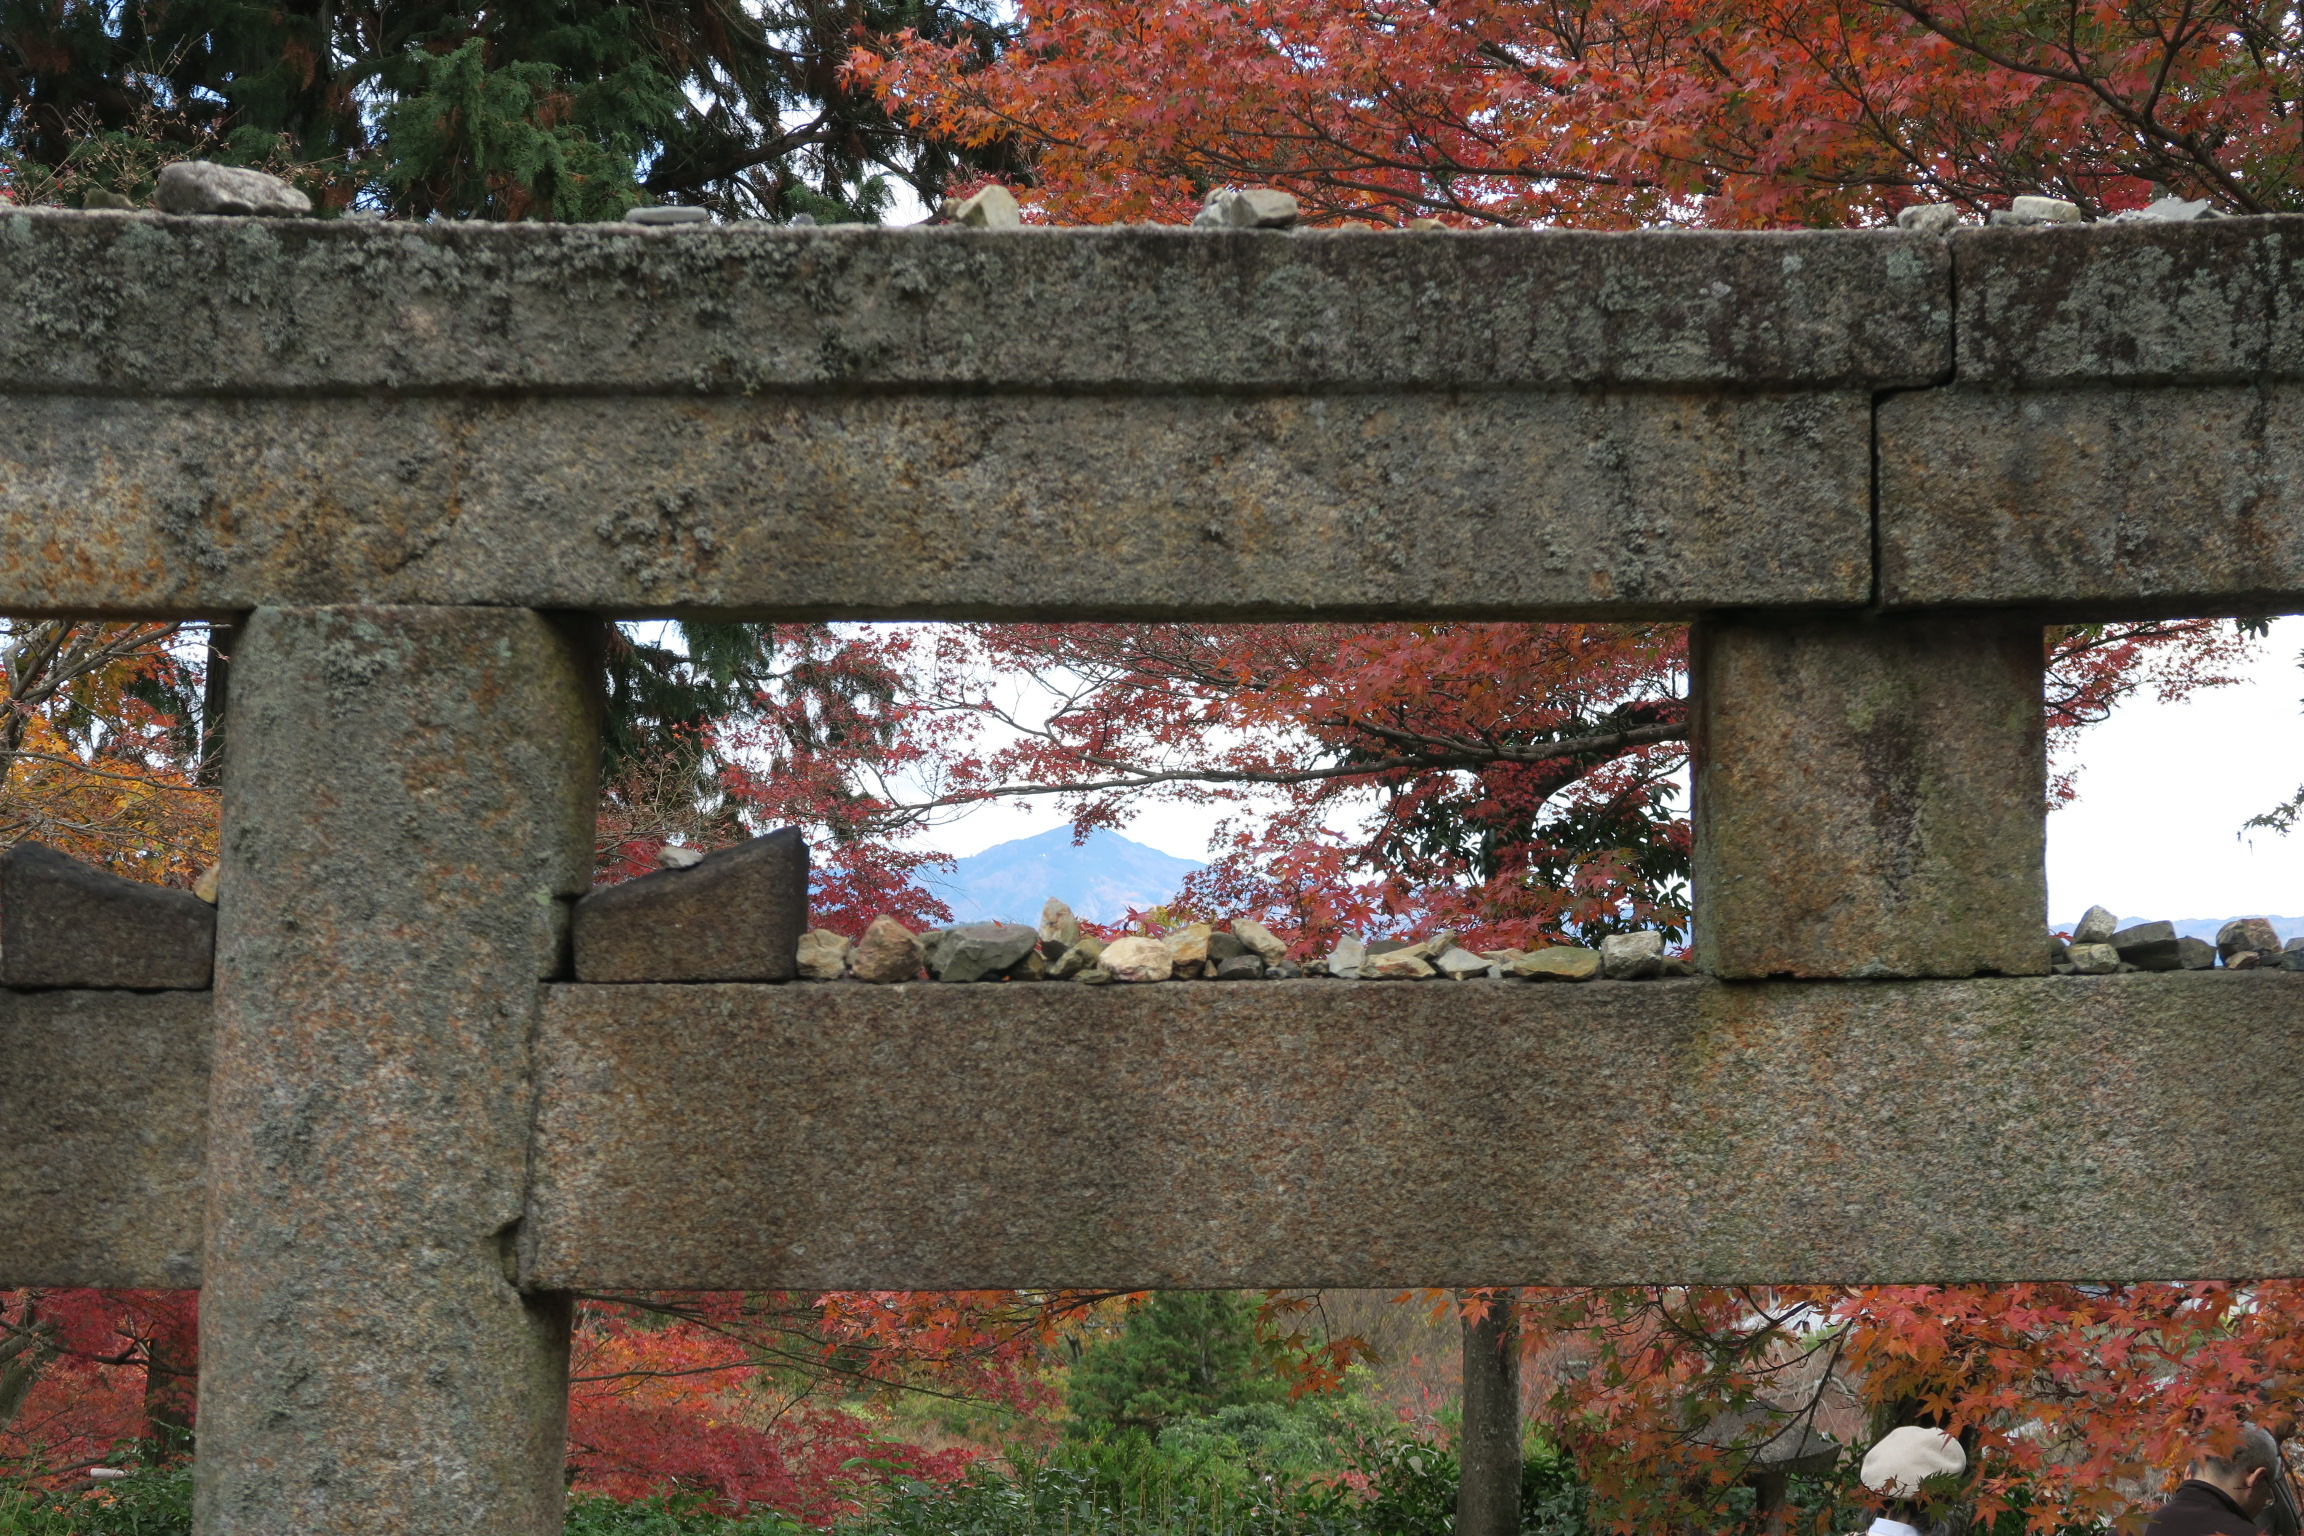 常寂光寺の妙見大菩薩縁起の鳥居。鳥居の上に石を乗せれると、願いが叶うらしいのですが・・・。